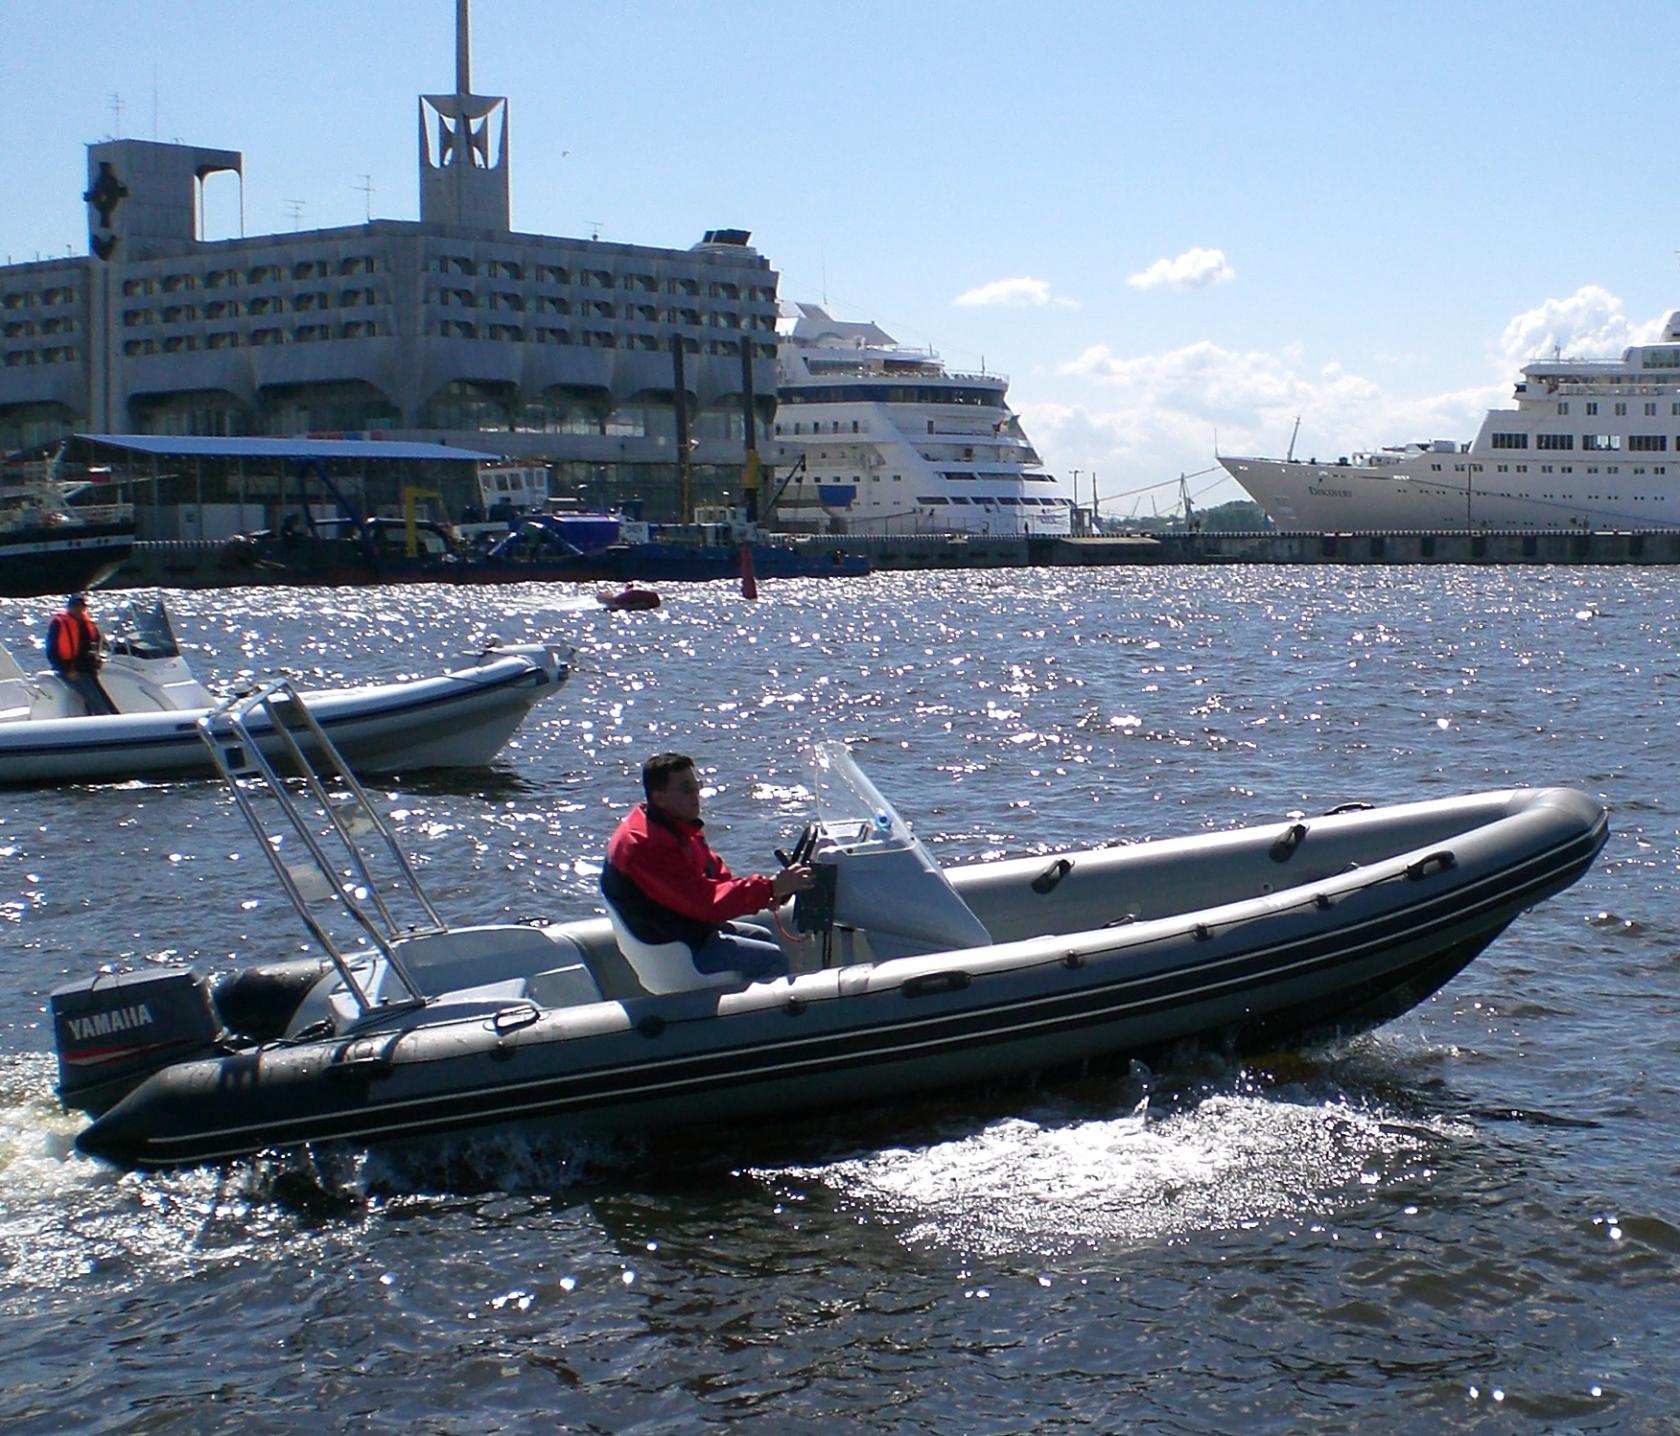 Стеклопластиковая лодка РИБ Cкаут